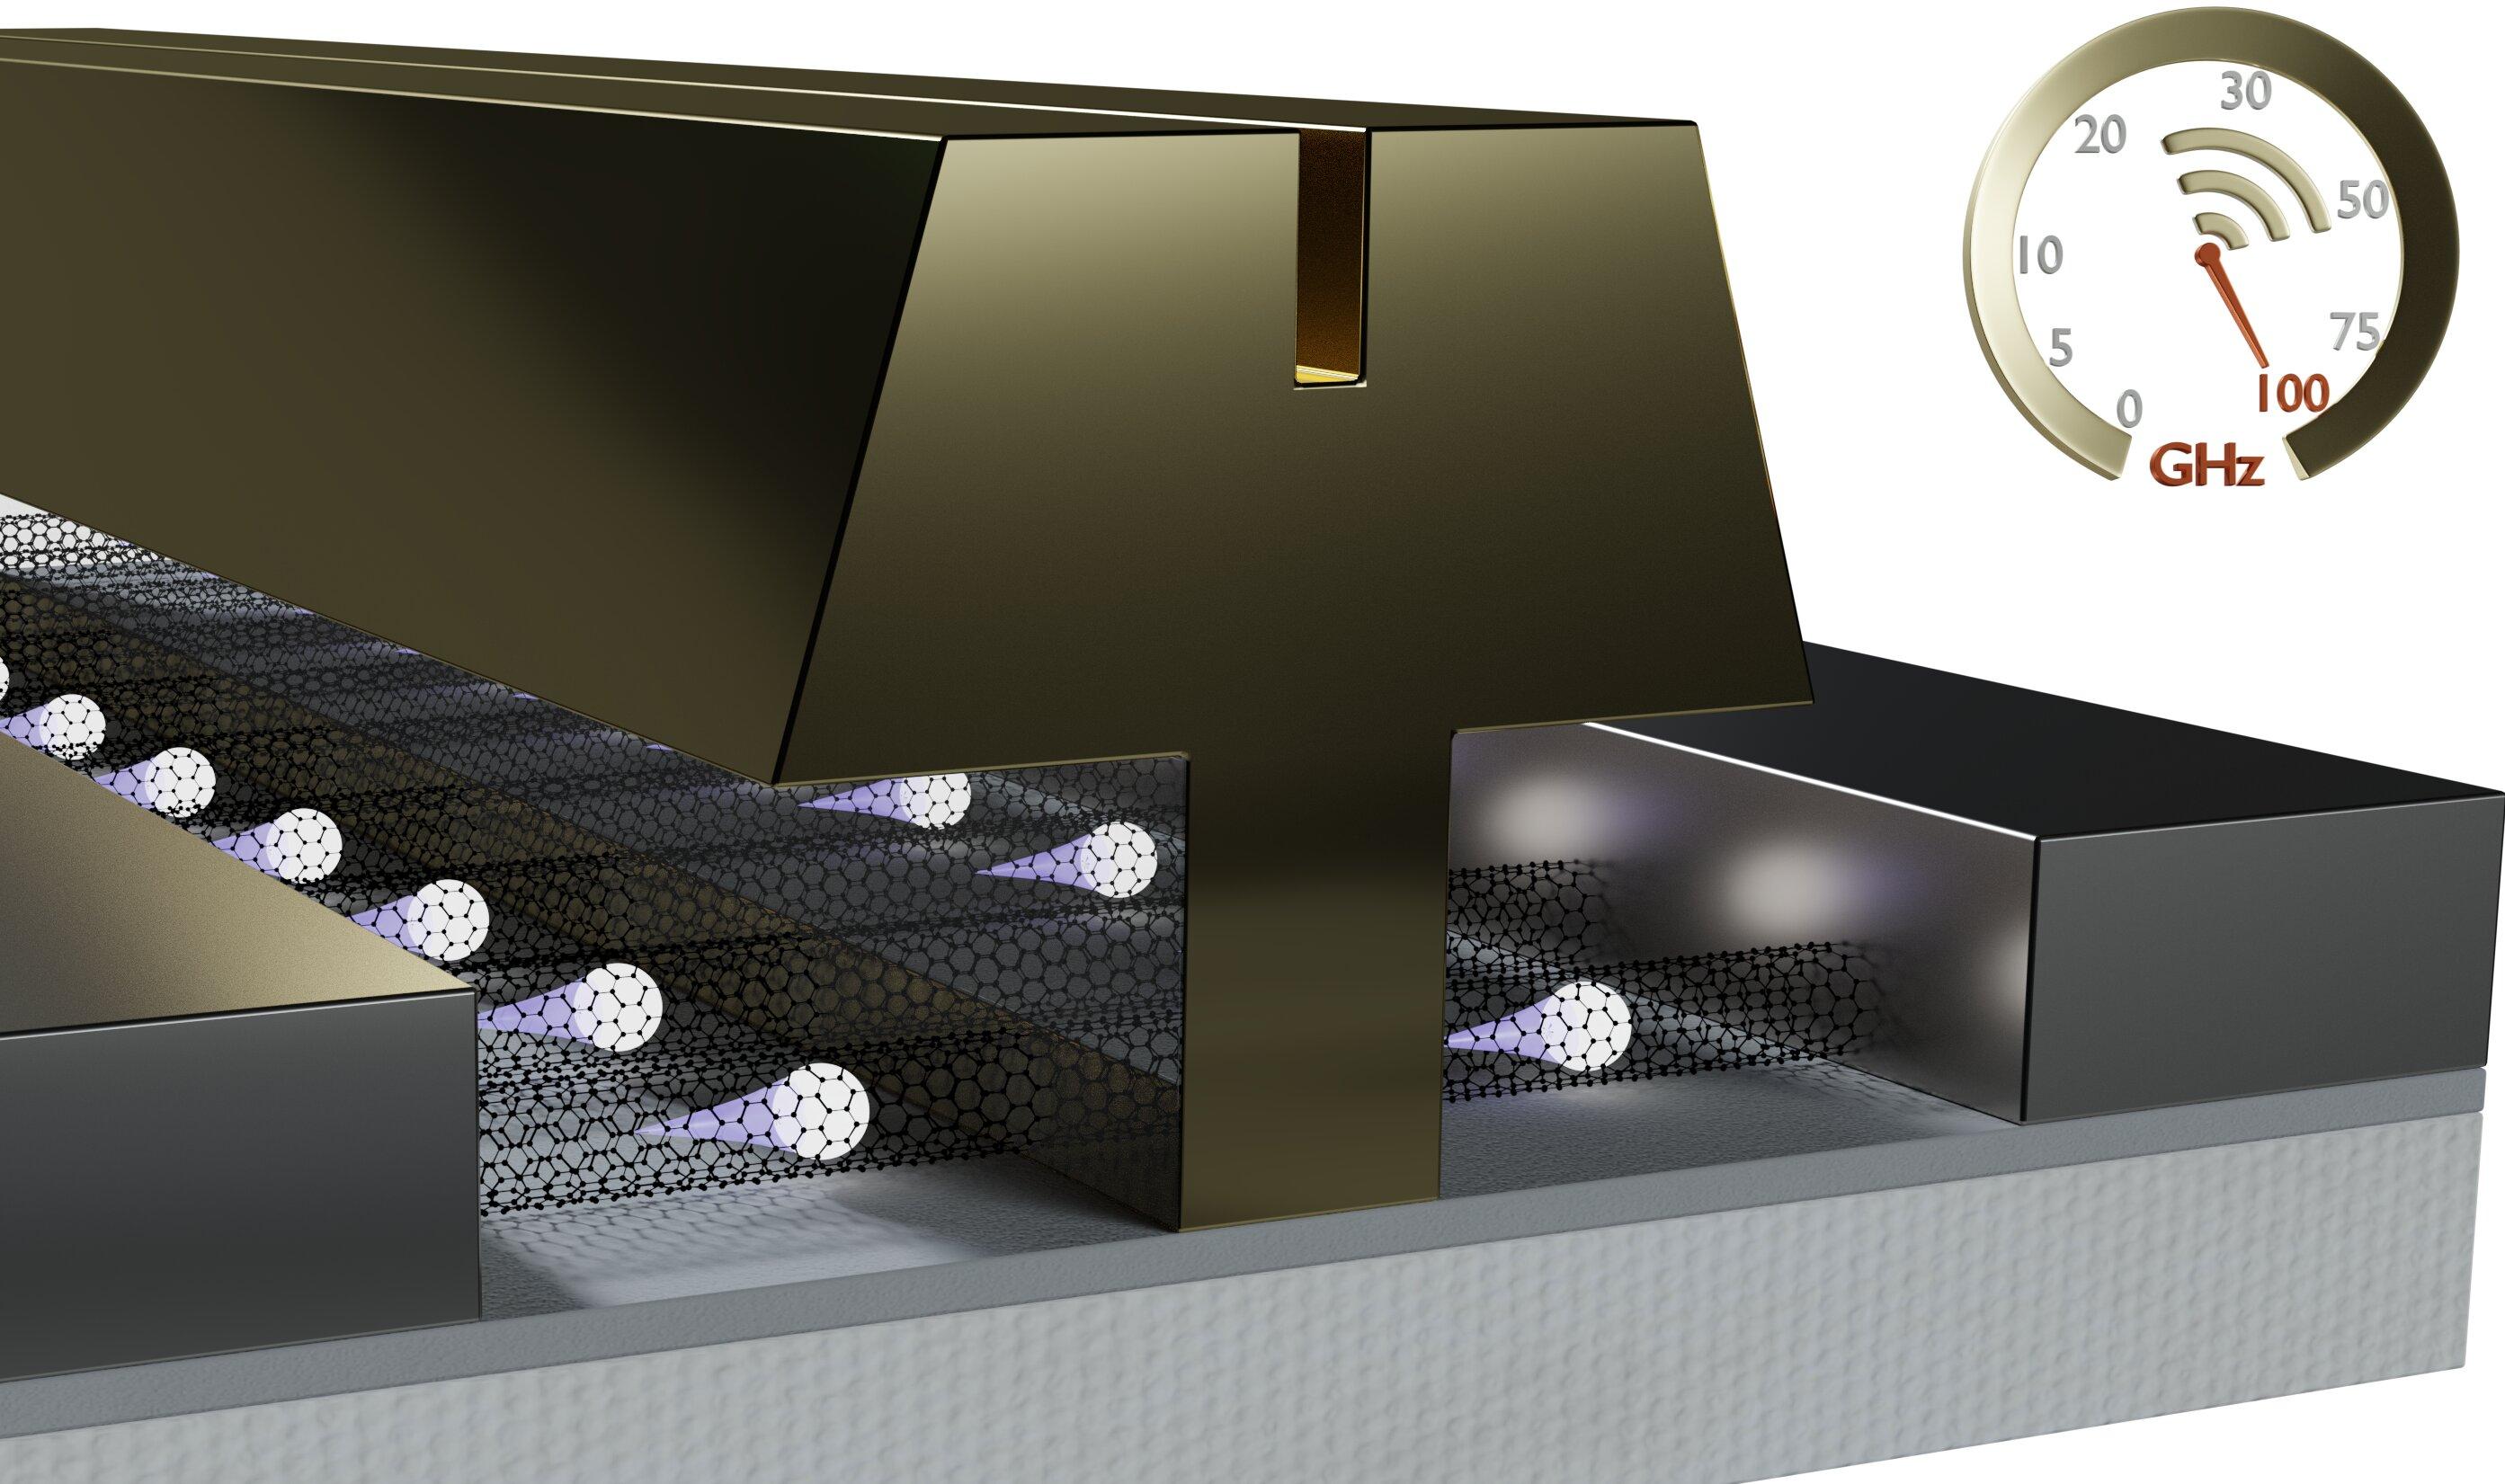 Углеродные транзисторы превзошли кремниевые по ключевым показателям